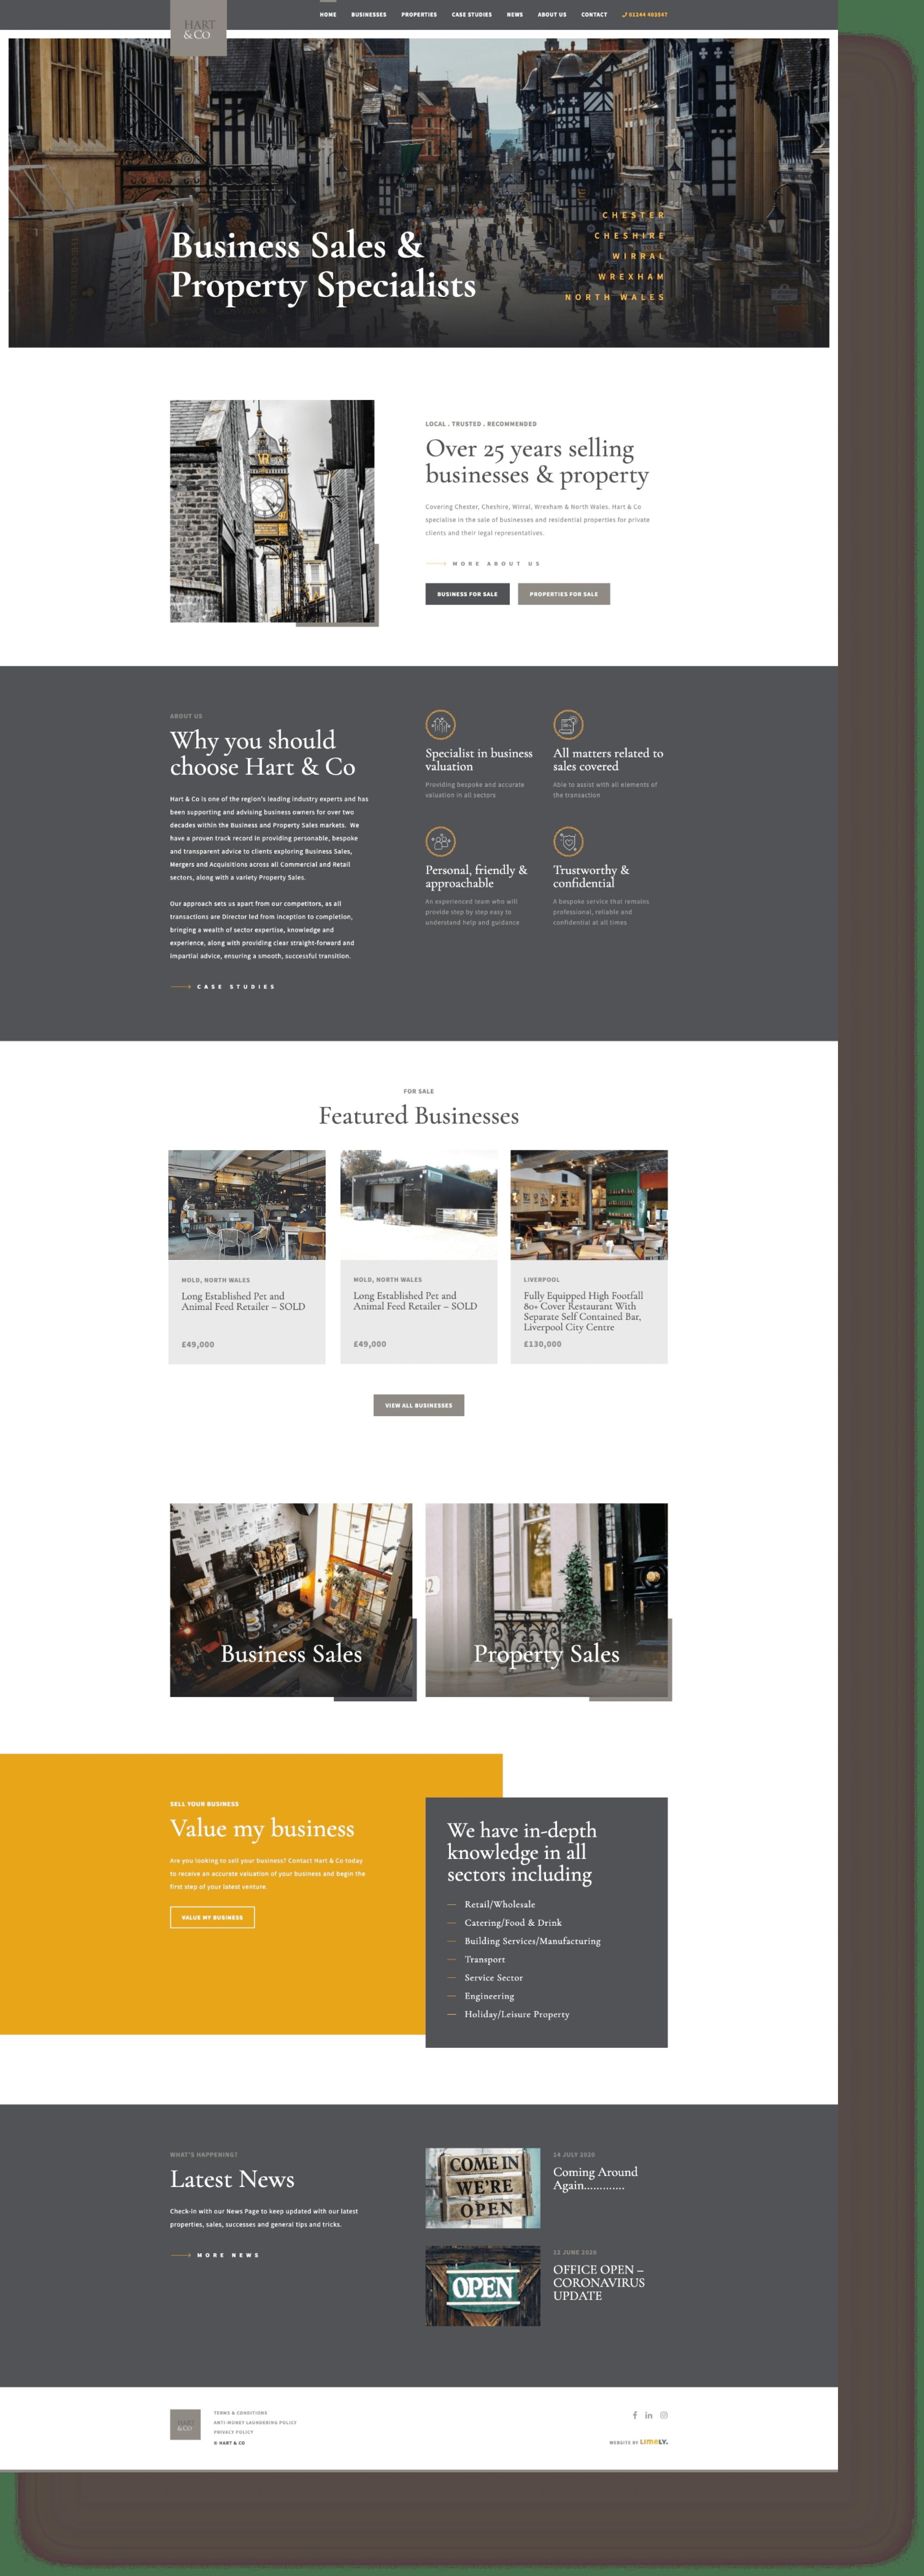 Hart & Co website